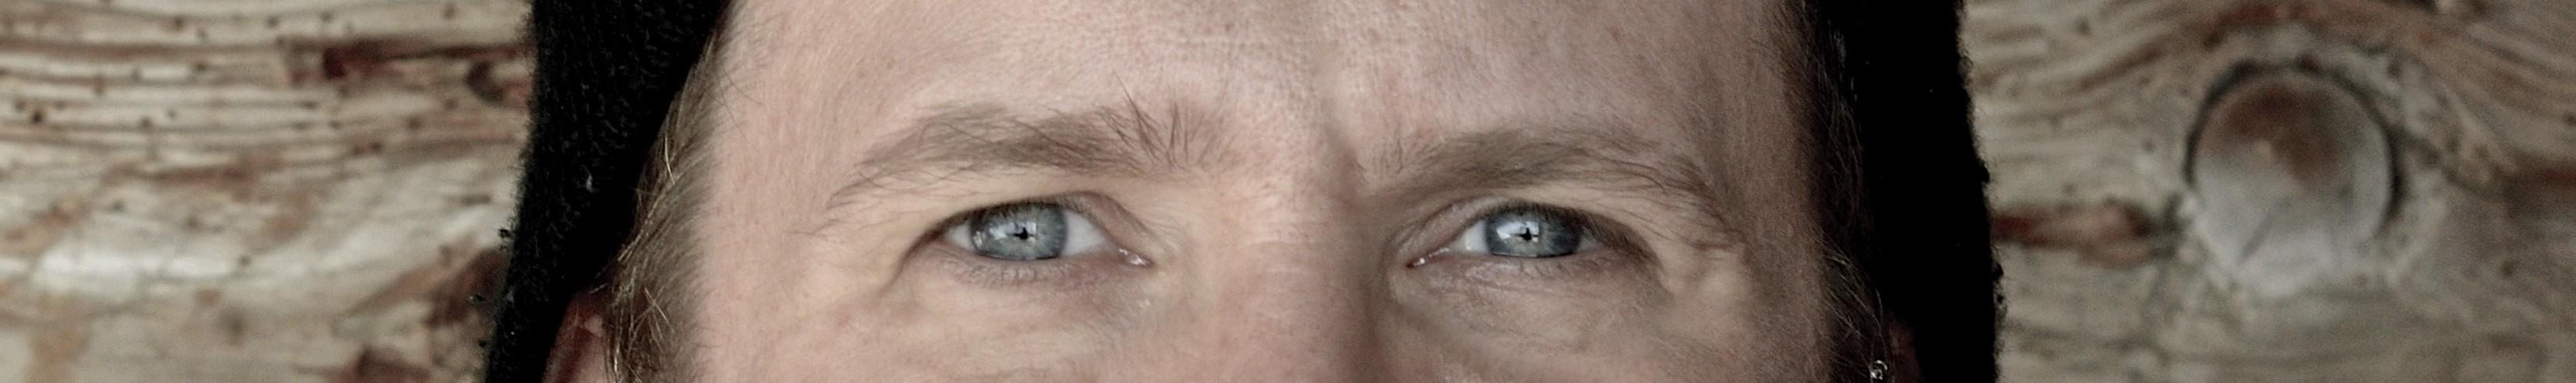 Das Auge ist der Punkt, in welchem Seele und Körper sich vermischen.